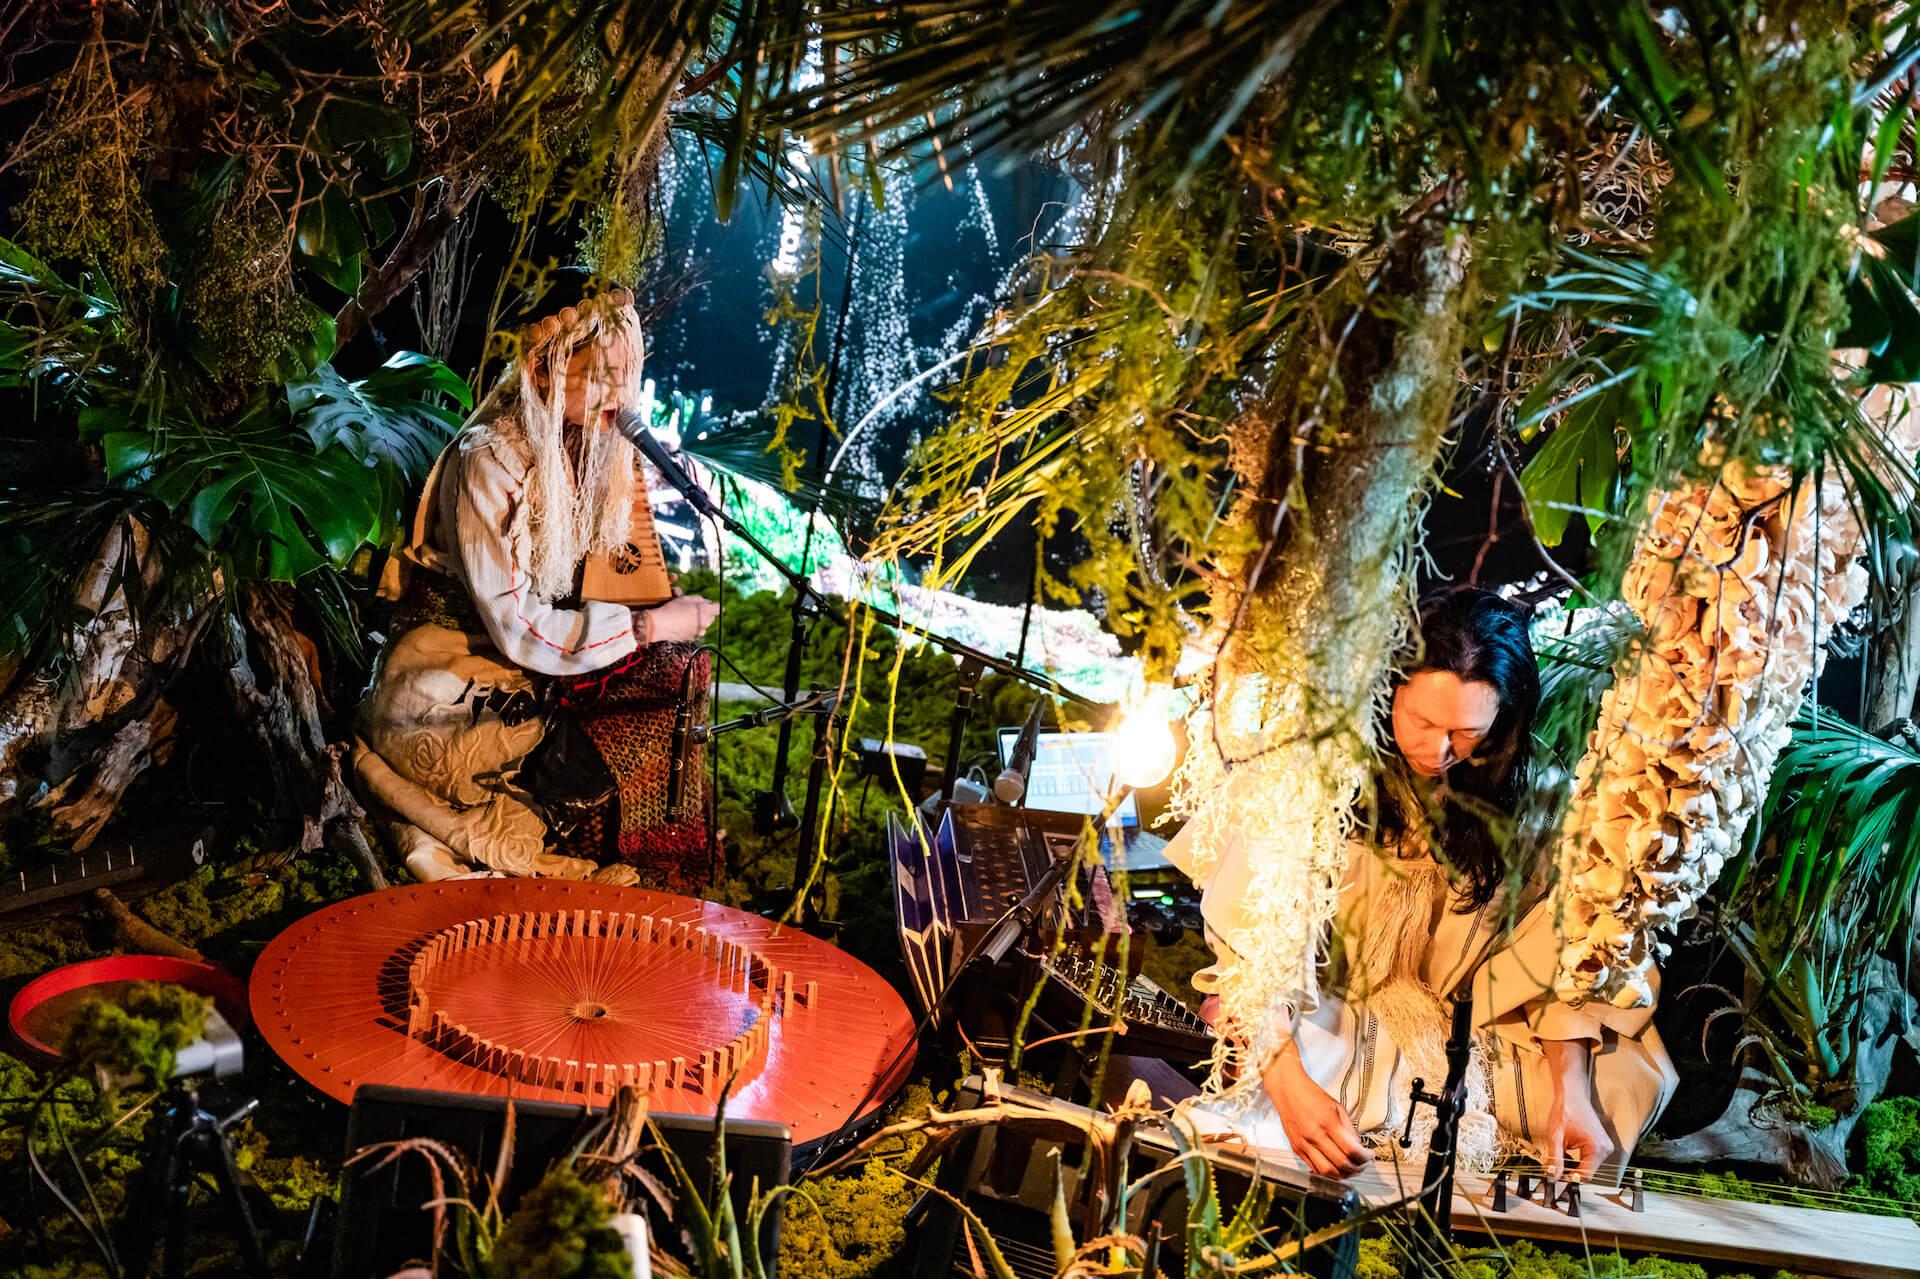 YAKUSHIMA TREASUREの死生観とポストコロナの表現|屋久島の原生林でのライヴ作品『ANOTHER LIVE』に迫る music210219_yakushimatreasure_17